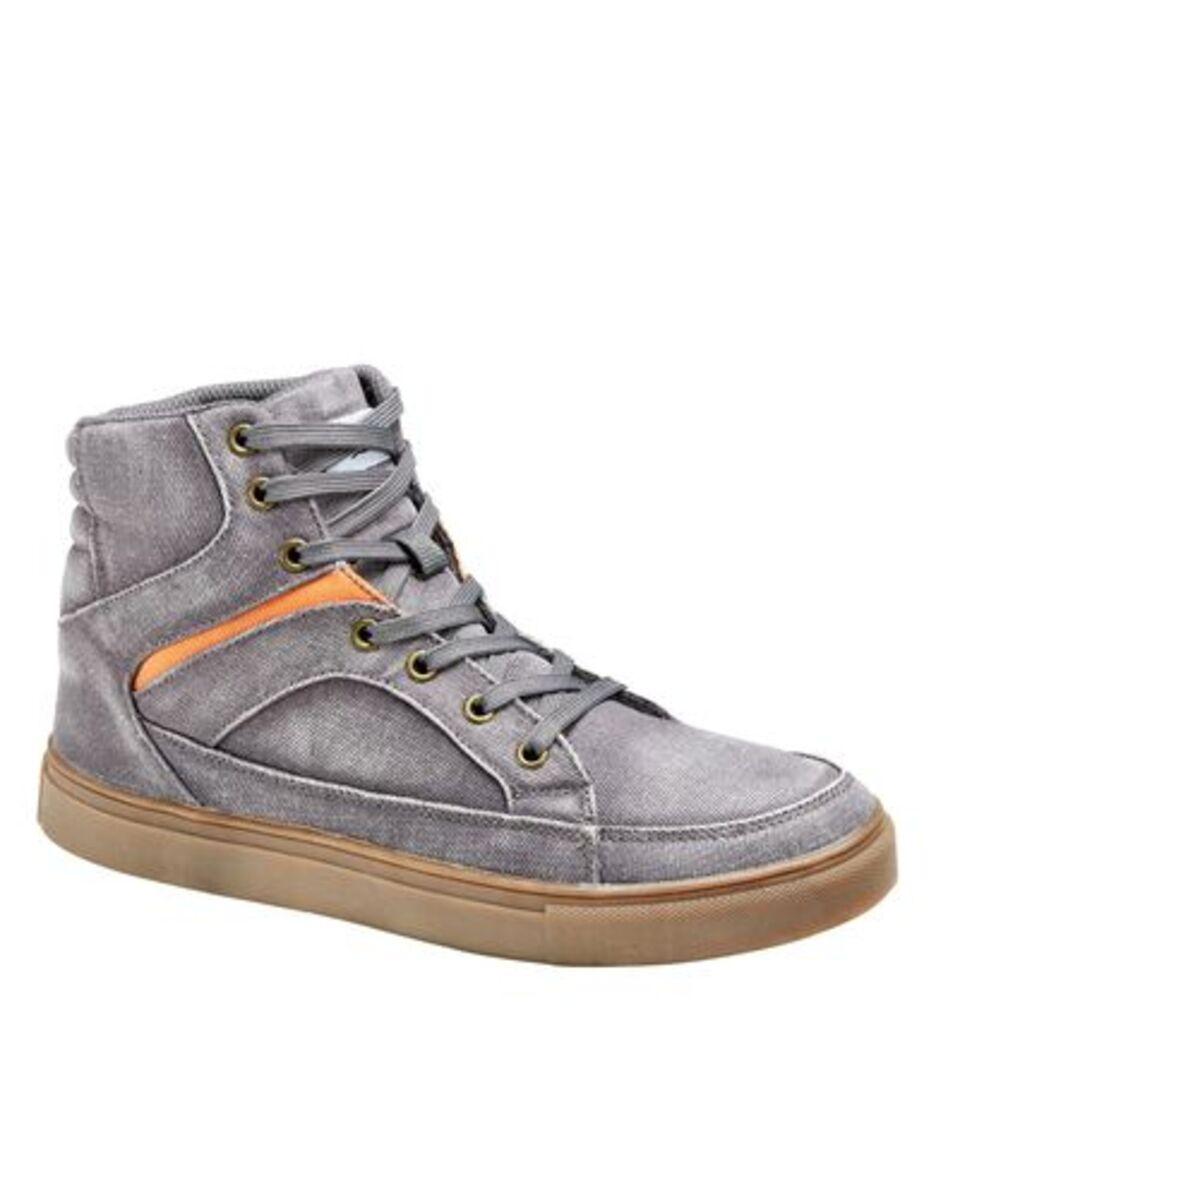 Bild 1 von FLM            Canvas Sneaker grau